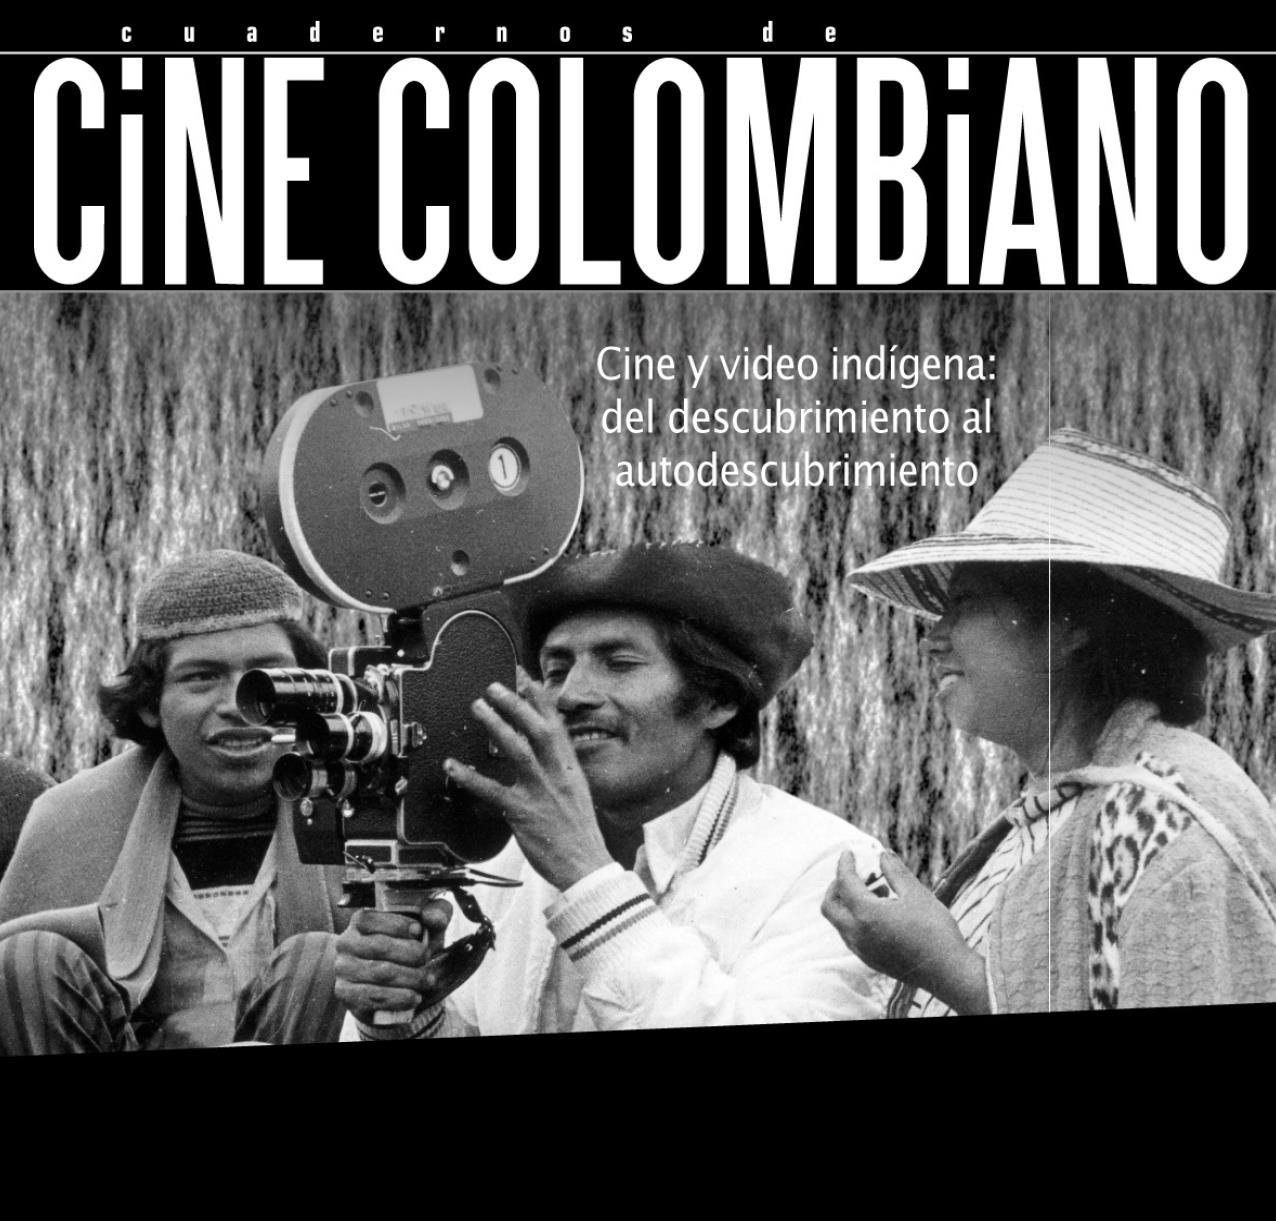 Imagen de apoyo de  Cuadernos de cine colombiano No. 17A: Cine y video indígena del descubrimiento al autodescubrimiento (2012)